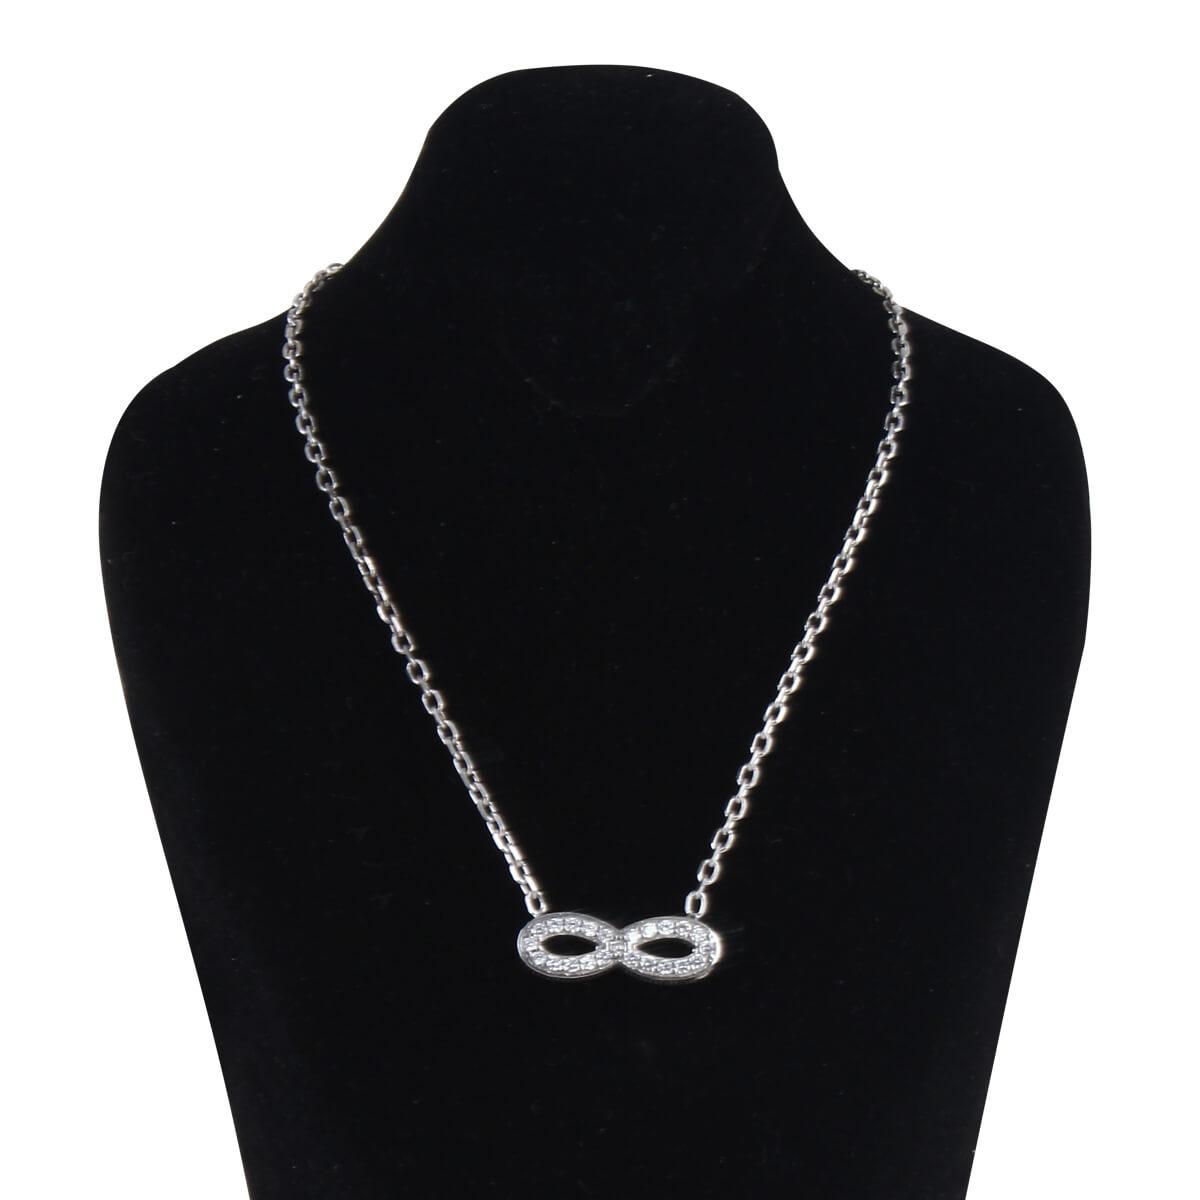 خرید گردنبند نقره زنانه نگین دار مدل بی نهایت